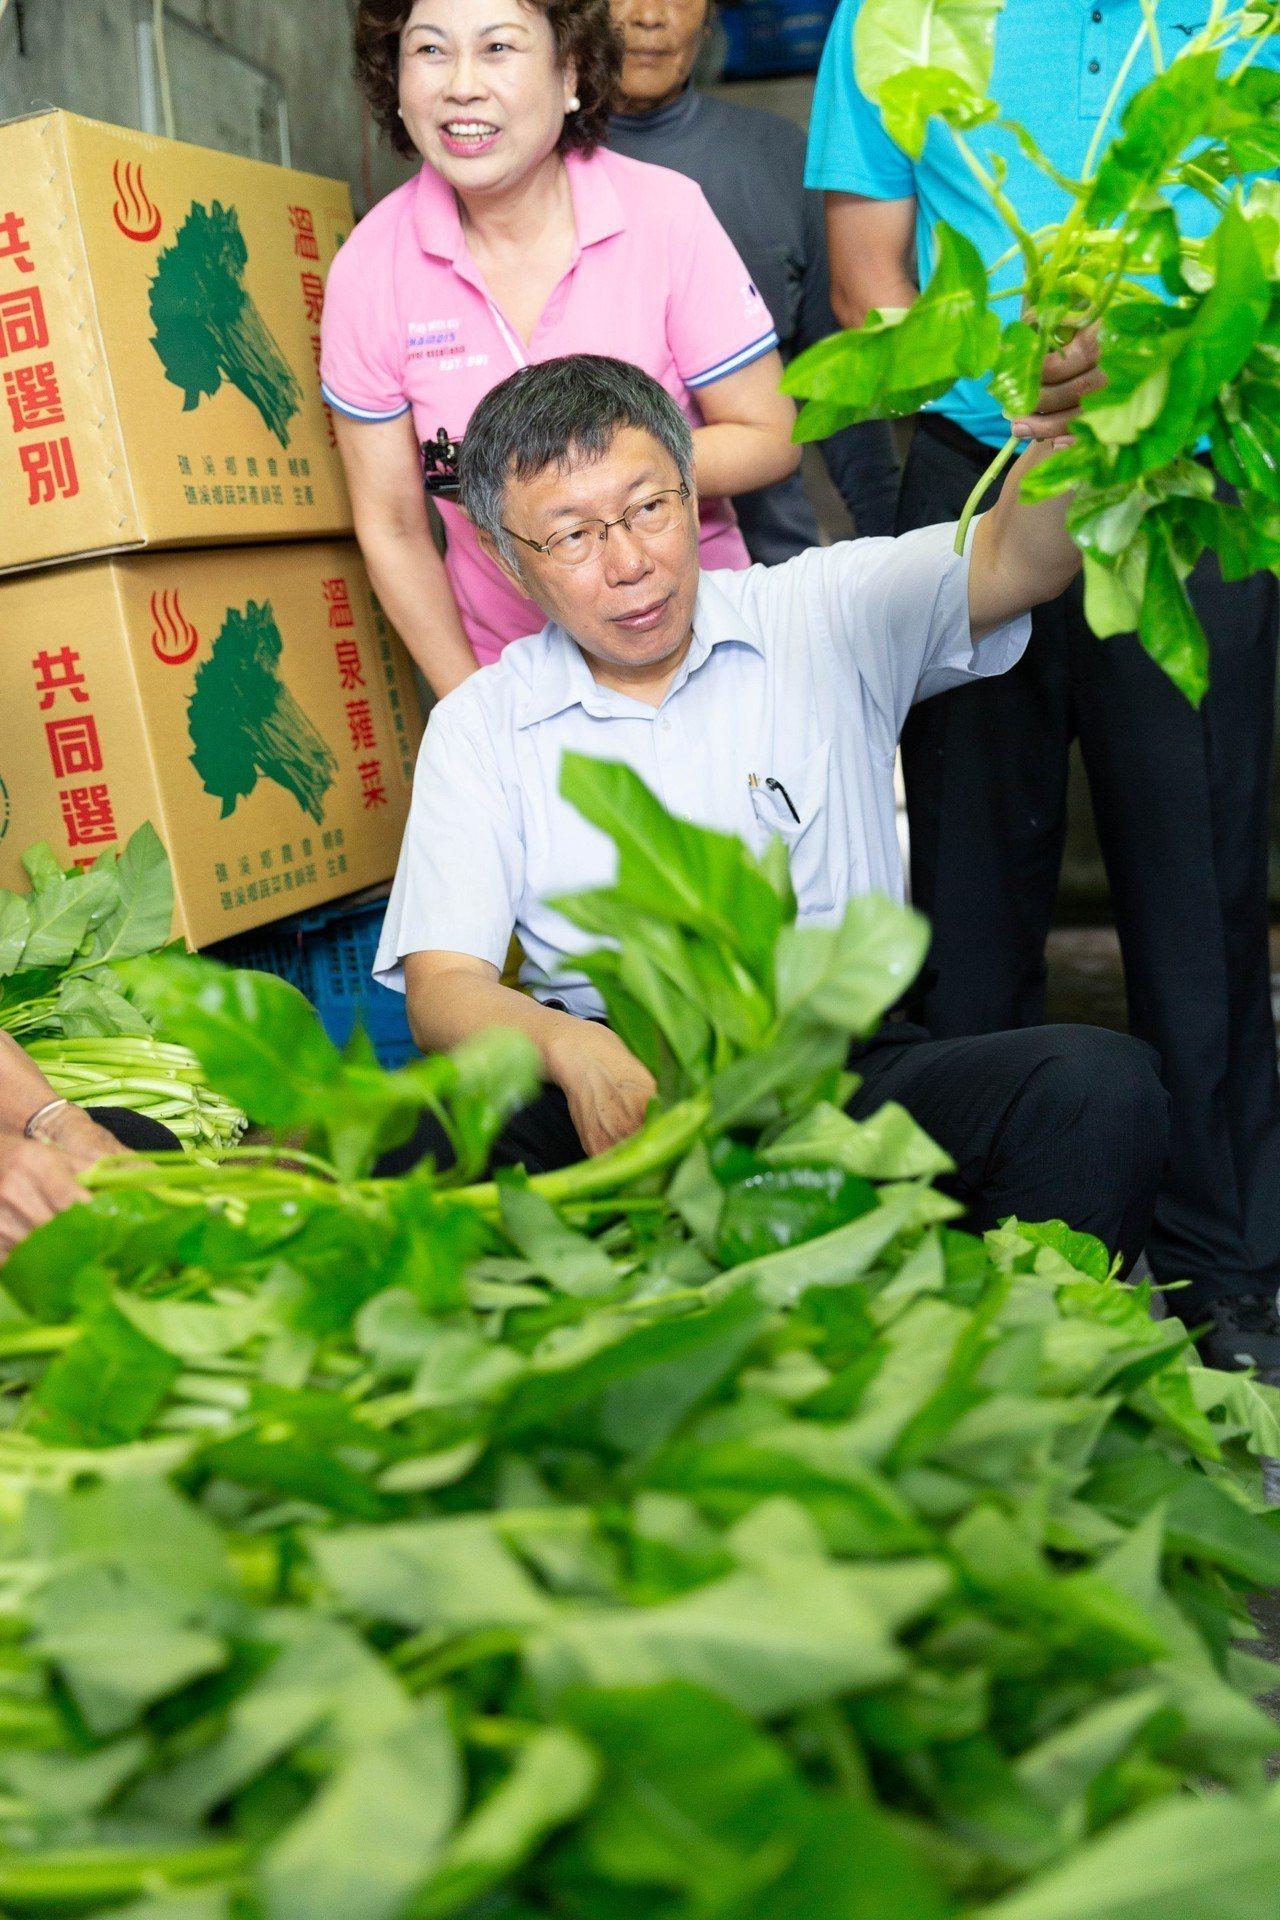 台北市長柯文哲參觀礁溪溫泉空心菜栽種,他親自採摘並且綑綁空心菜,與農民互動接地氣...